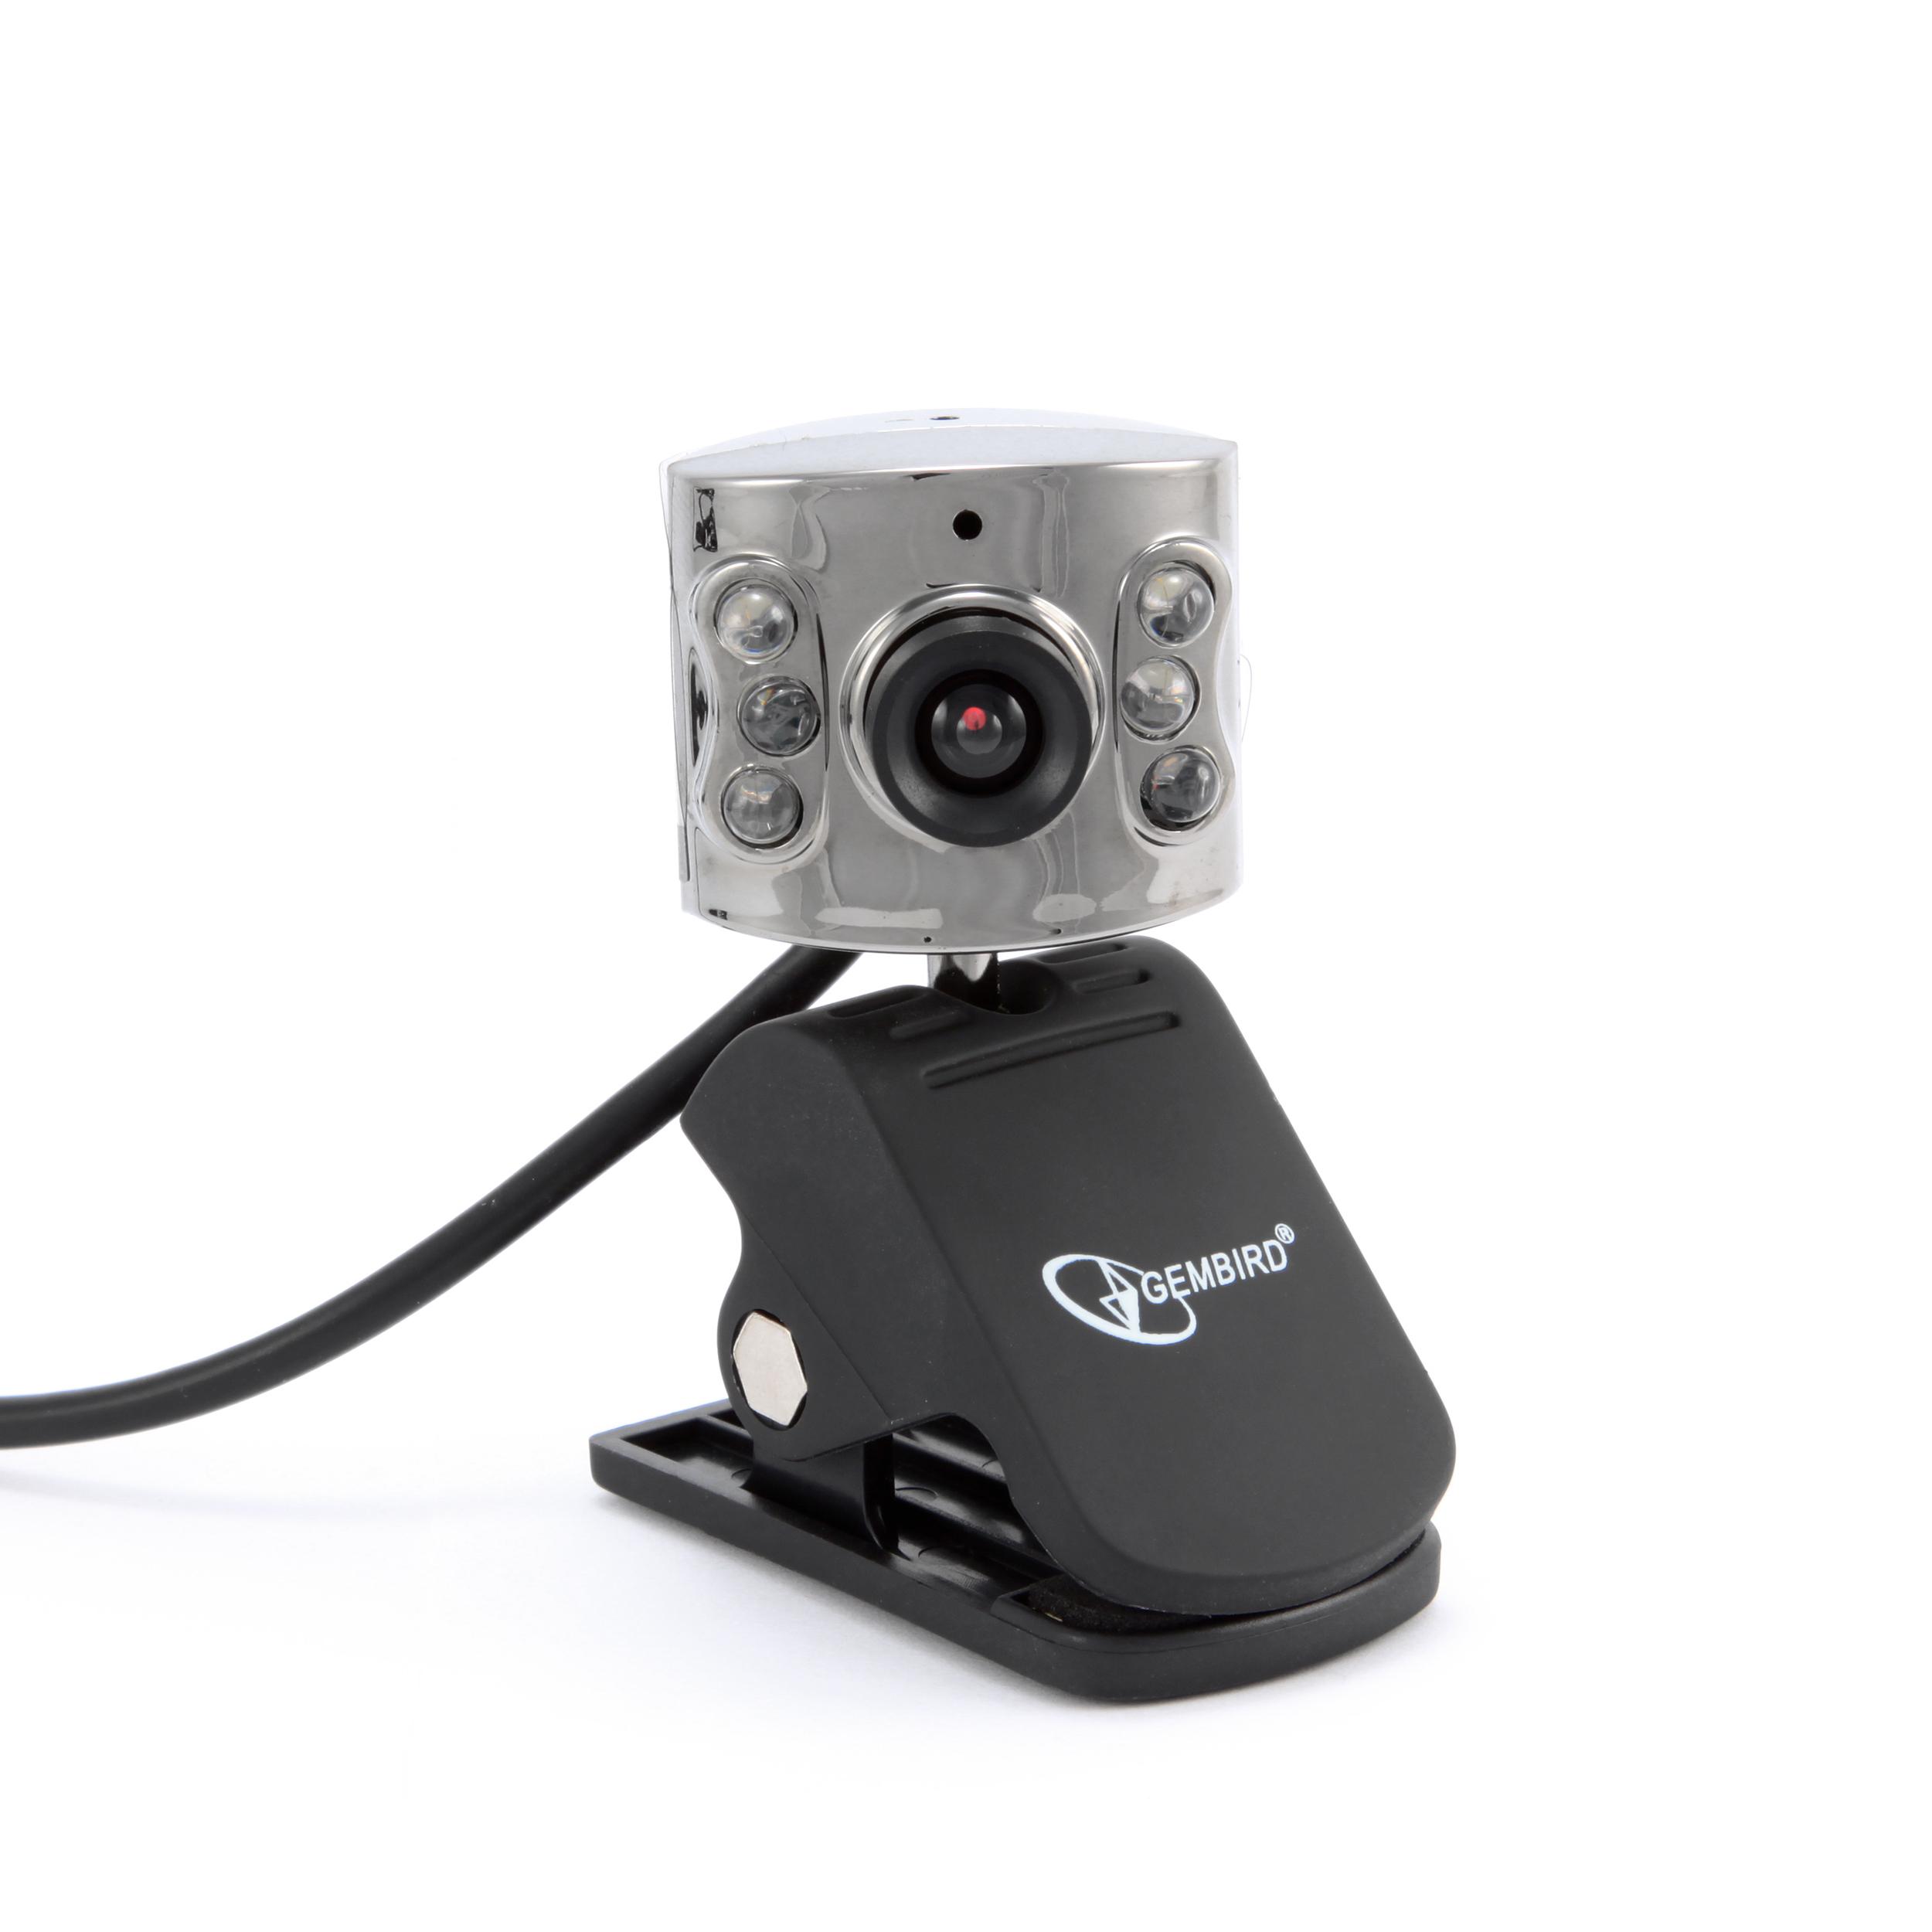 Скачать драйвера на веб камеру gembird cam66u